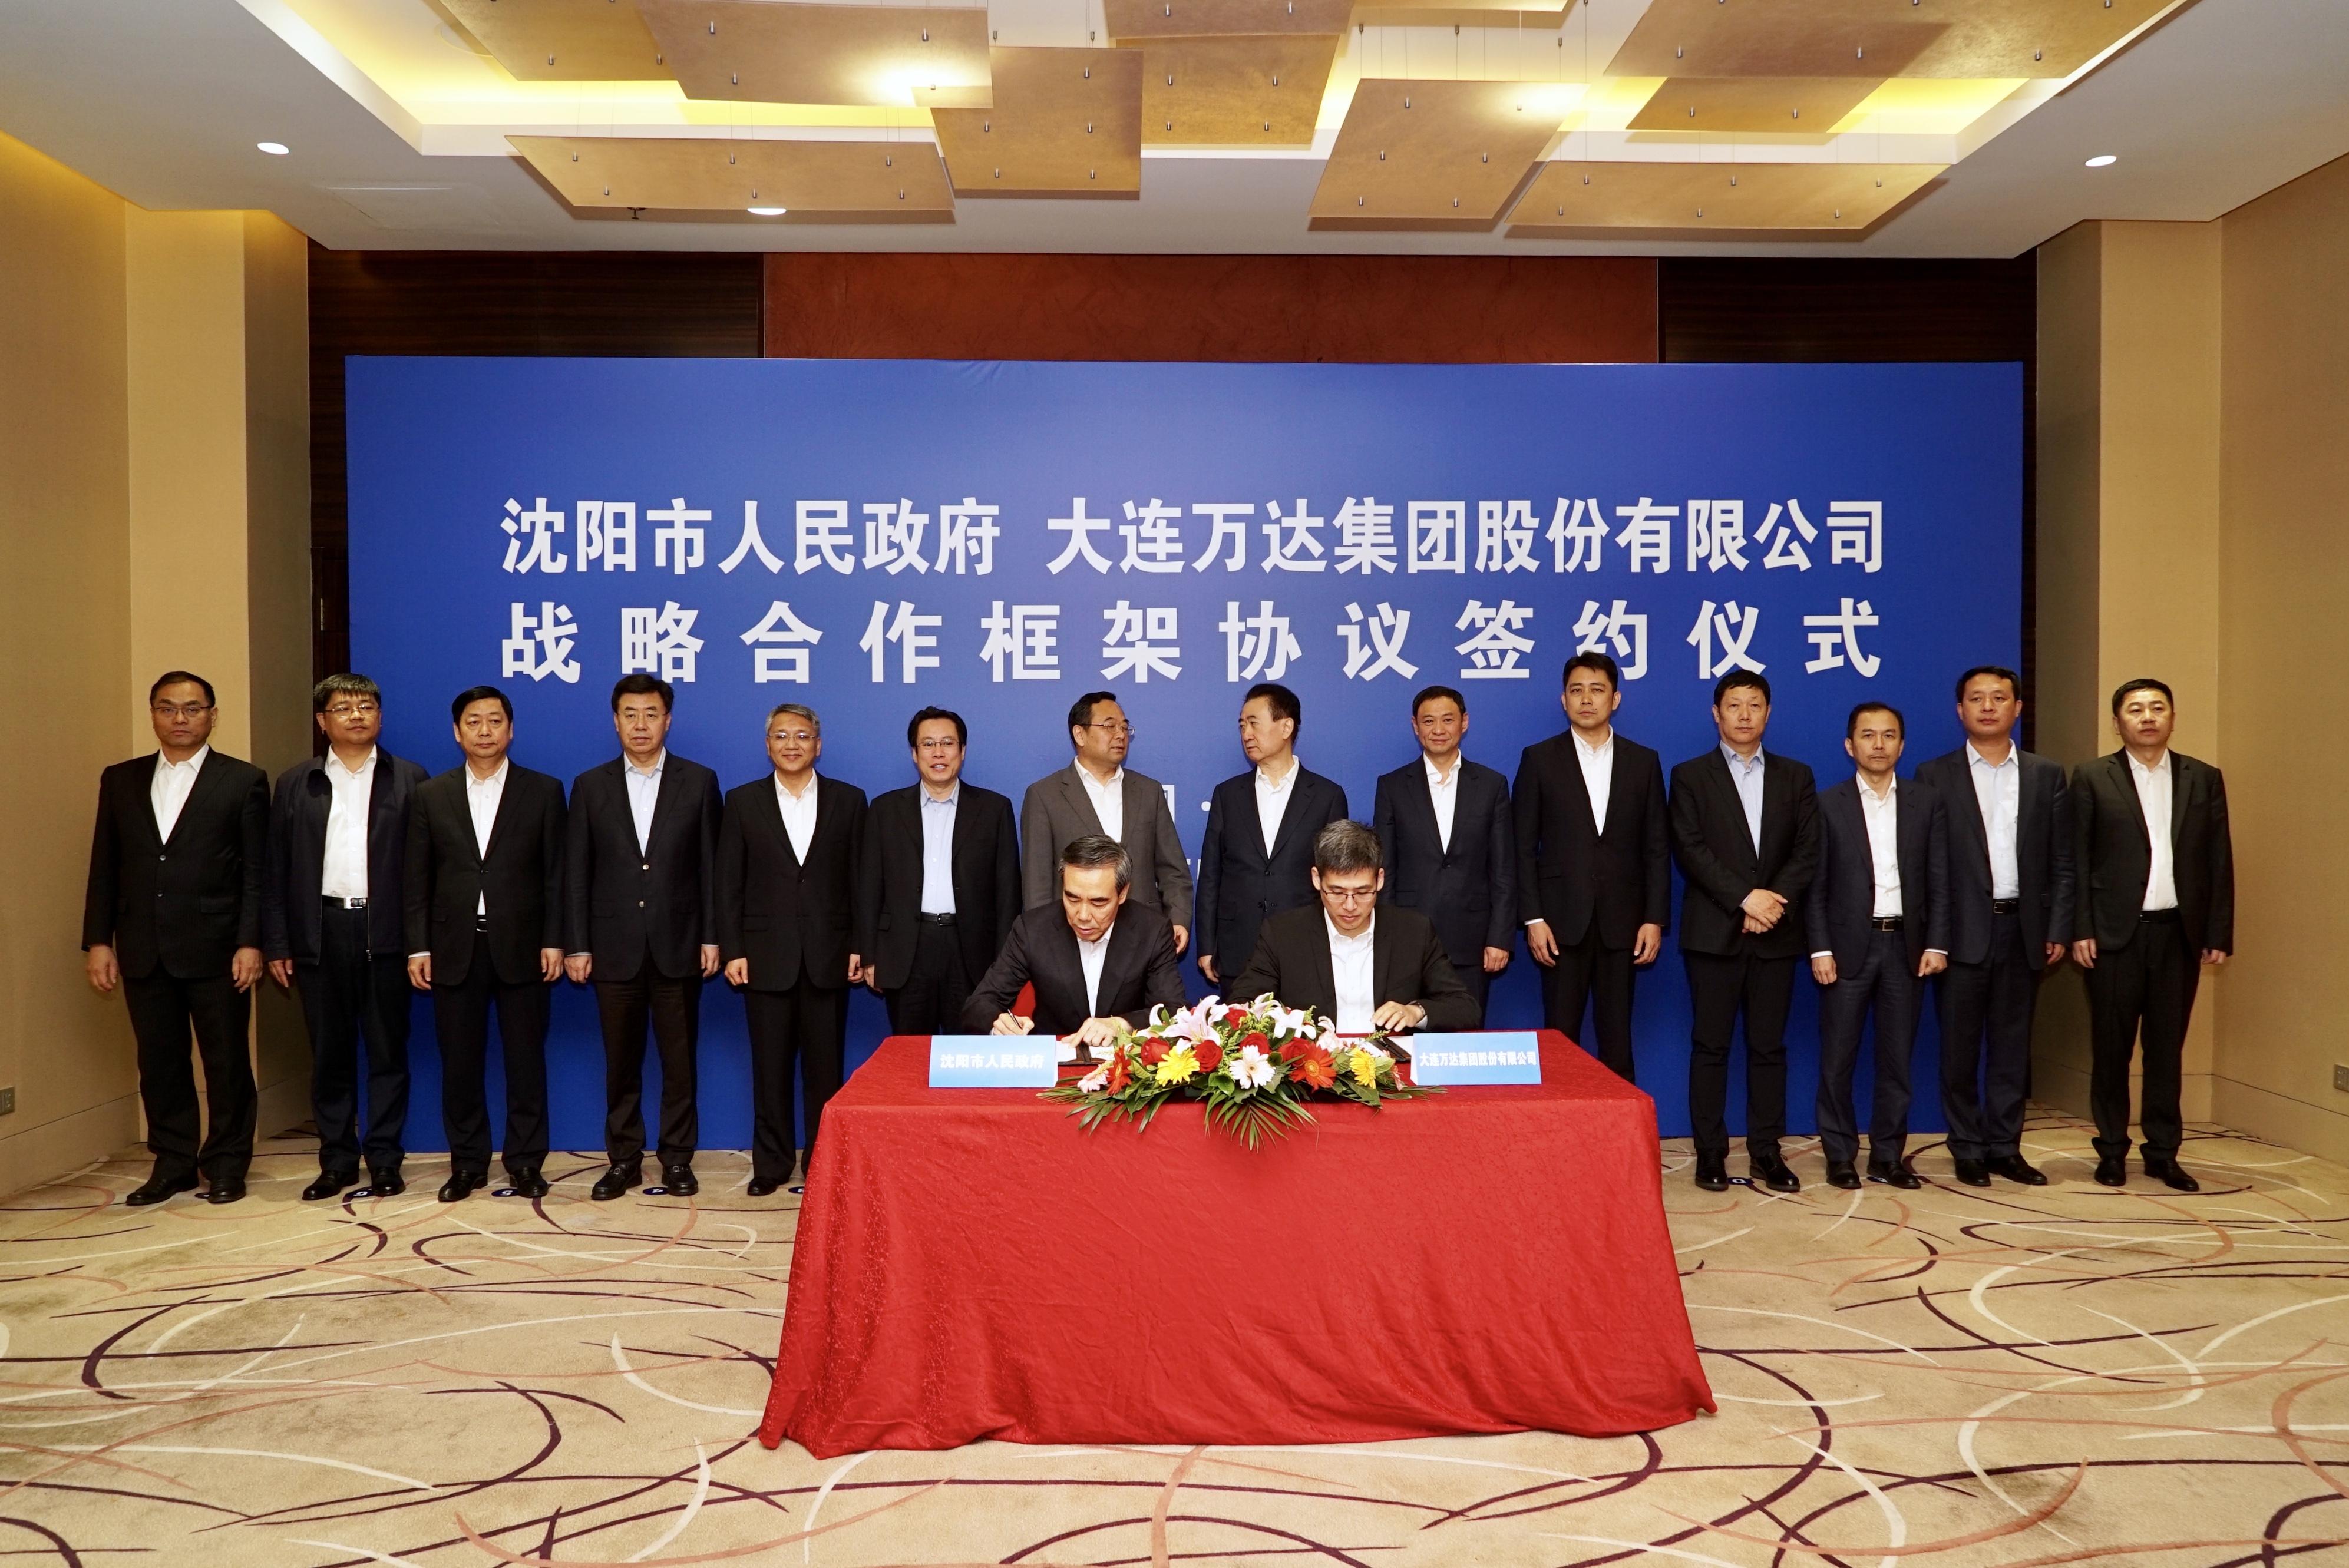 威尼斯线上投资沈阳800亿 王健林:沈阳一定会在东北率先振兴